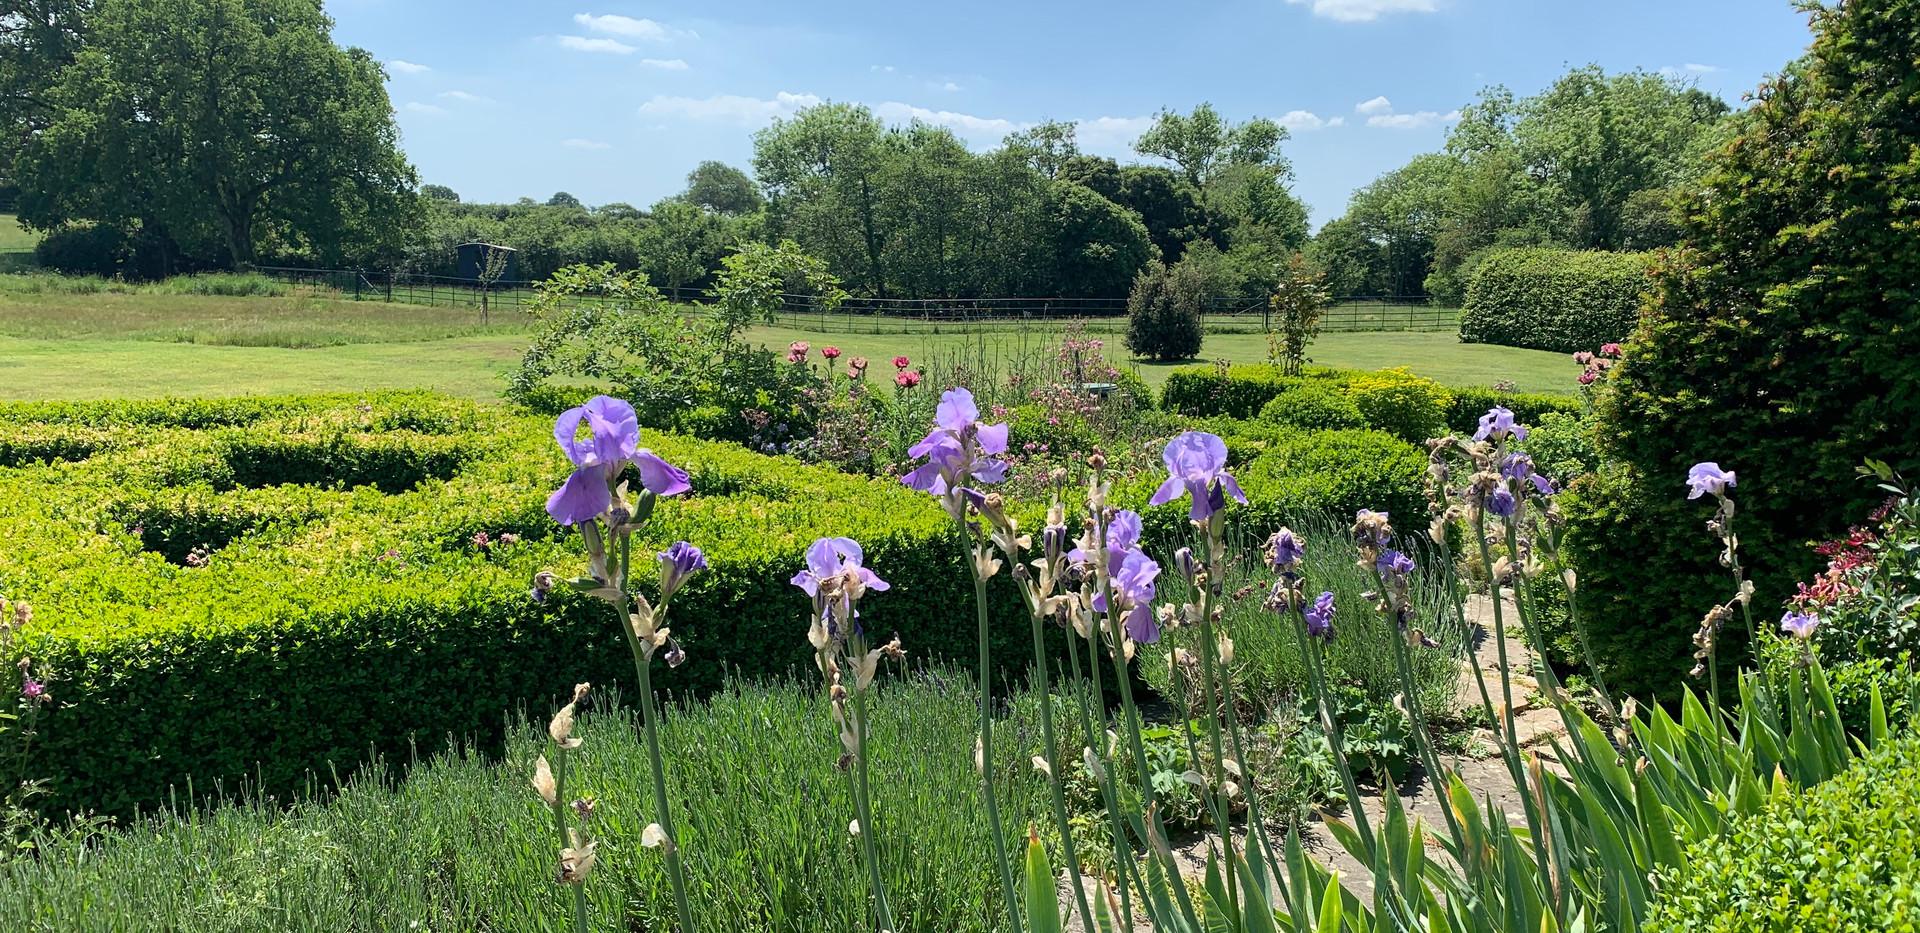 June in the farmhouse garden